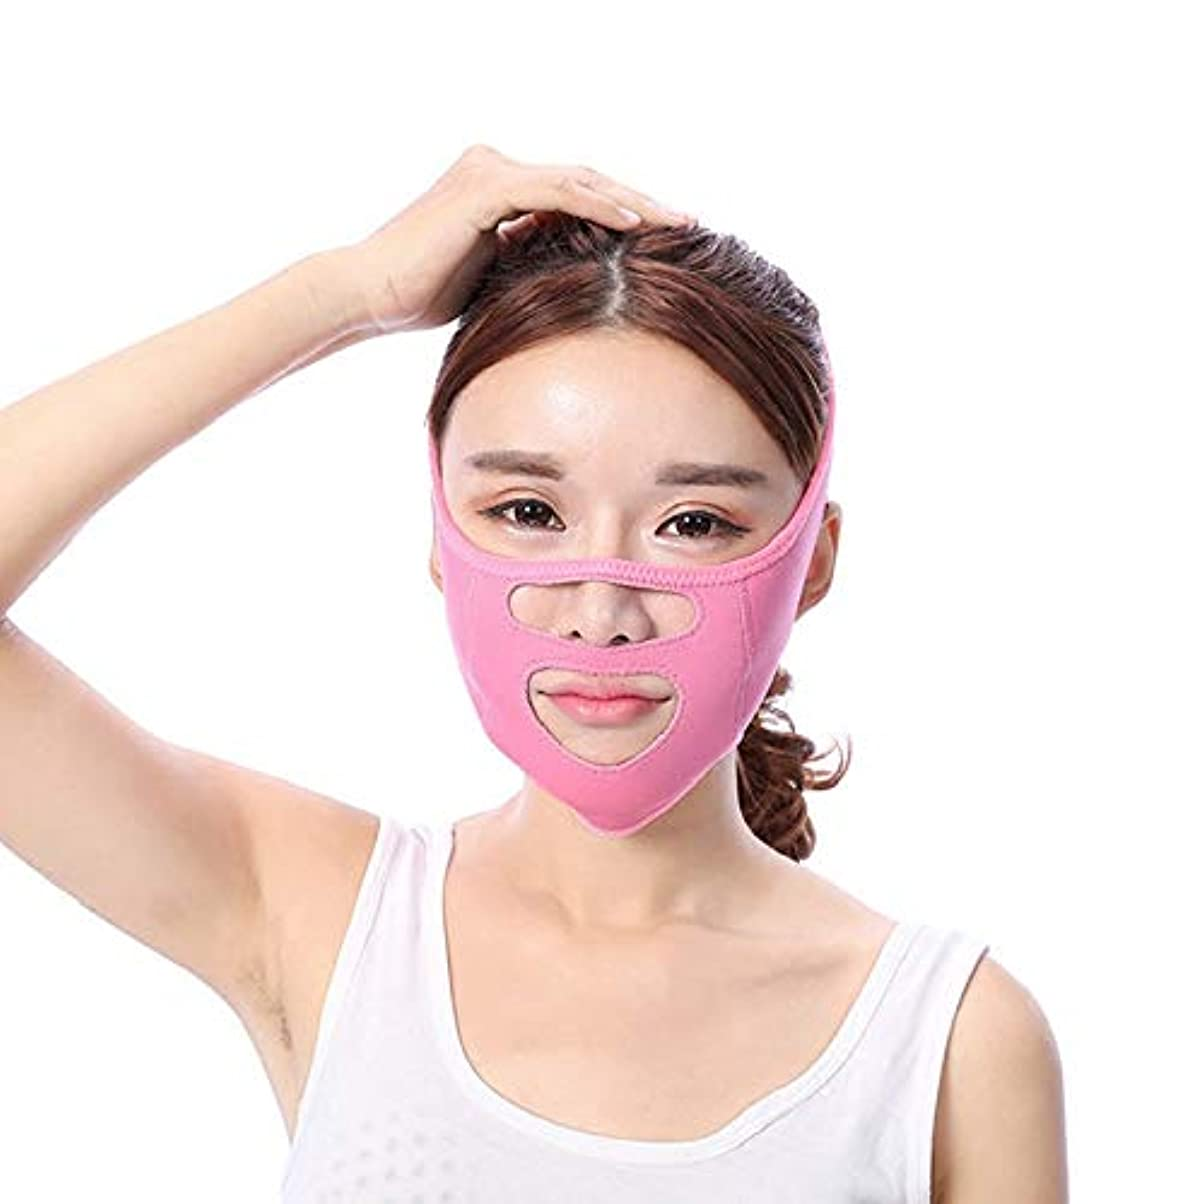 アシスタント前売履歴書顔の持ち上がる痩身ベルト - あなたの顔のための素晴らしいトレーニング二重あごのワークアウトフェイスマスクベルト薄い顔包帯整形マスクは顔と首を締めますフェイススリム